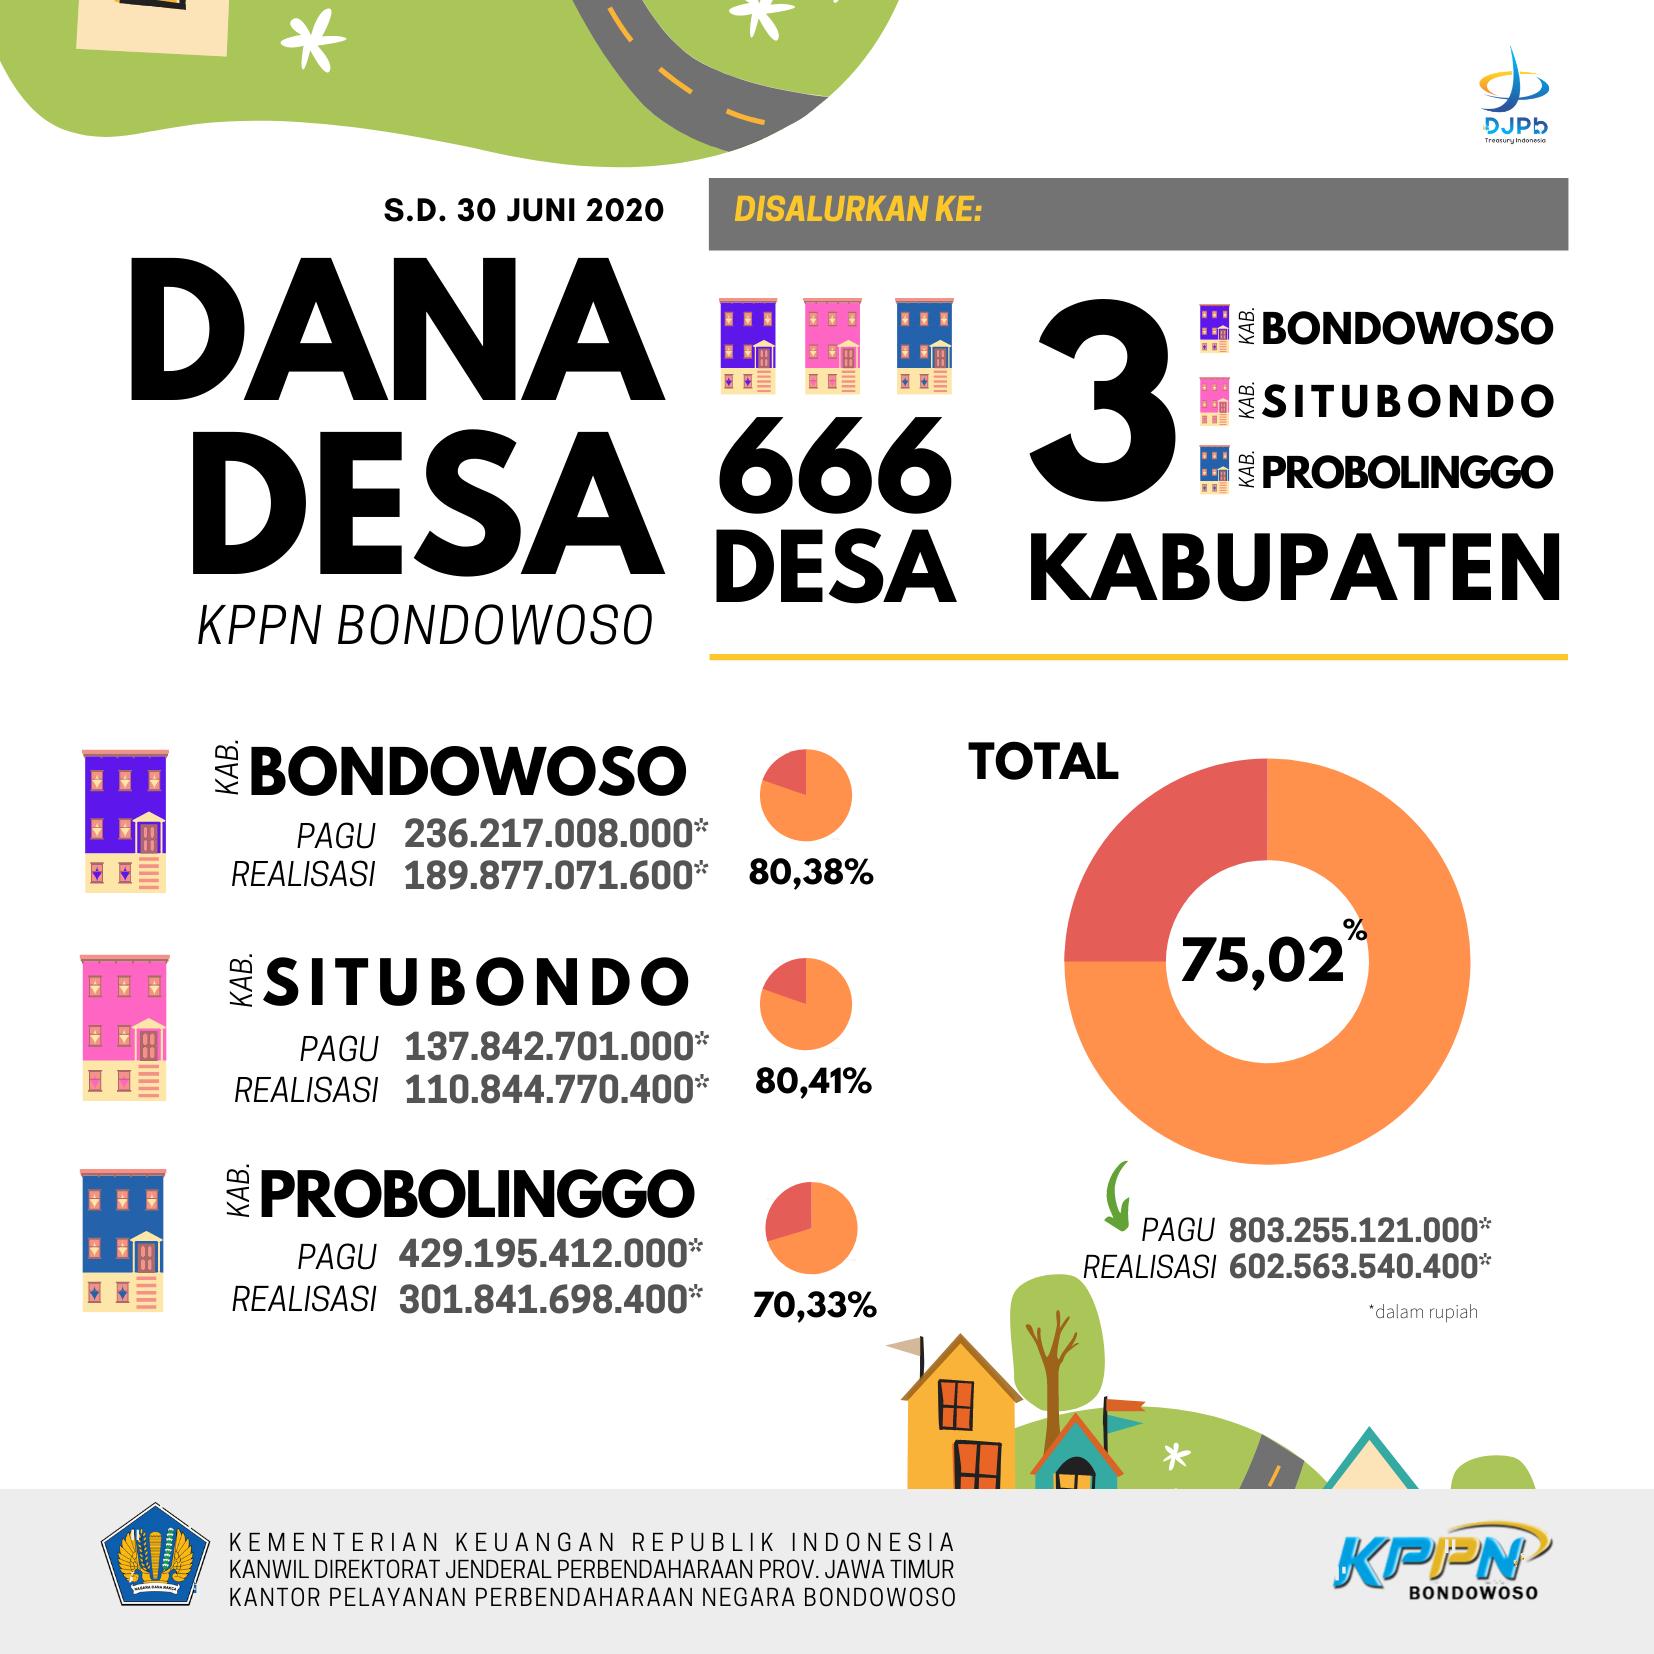 Realisasi Dana Desa Dan Dak Fisik S D Juni 2020 Kppn Bondowoso